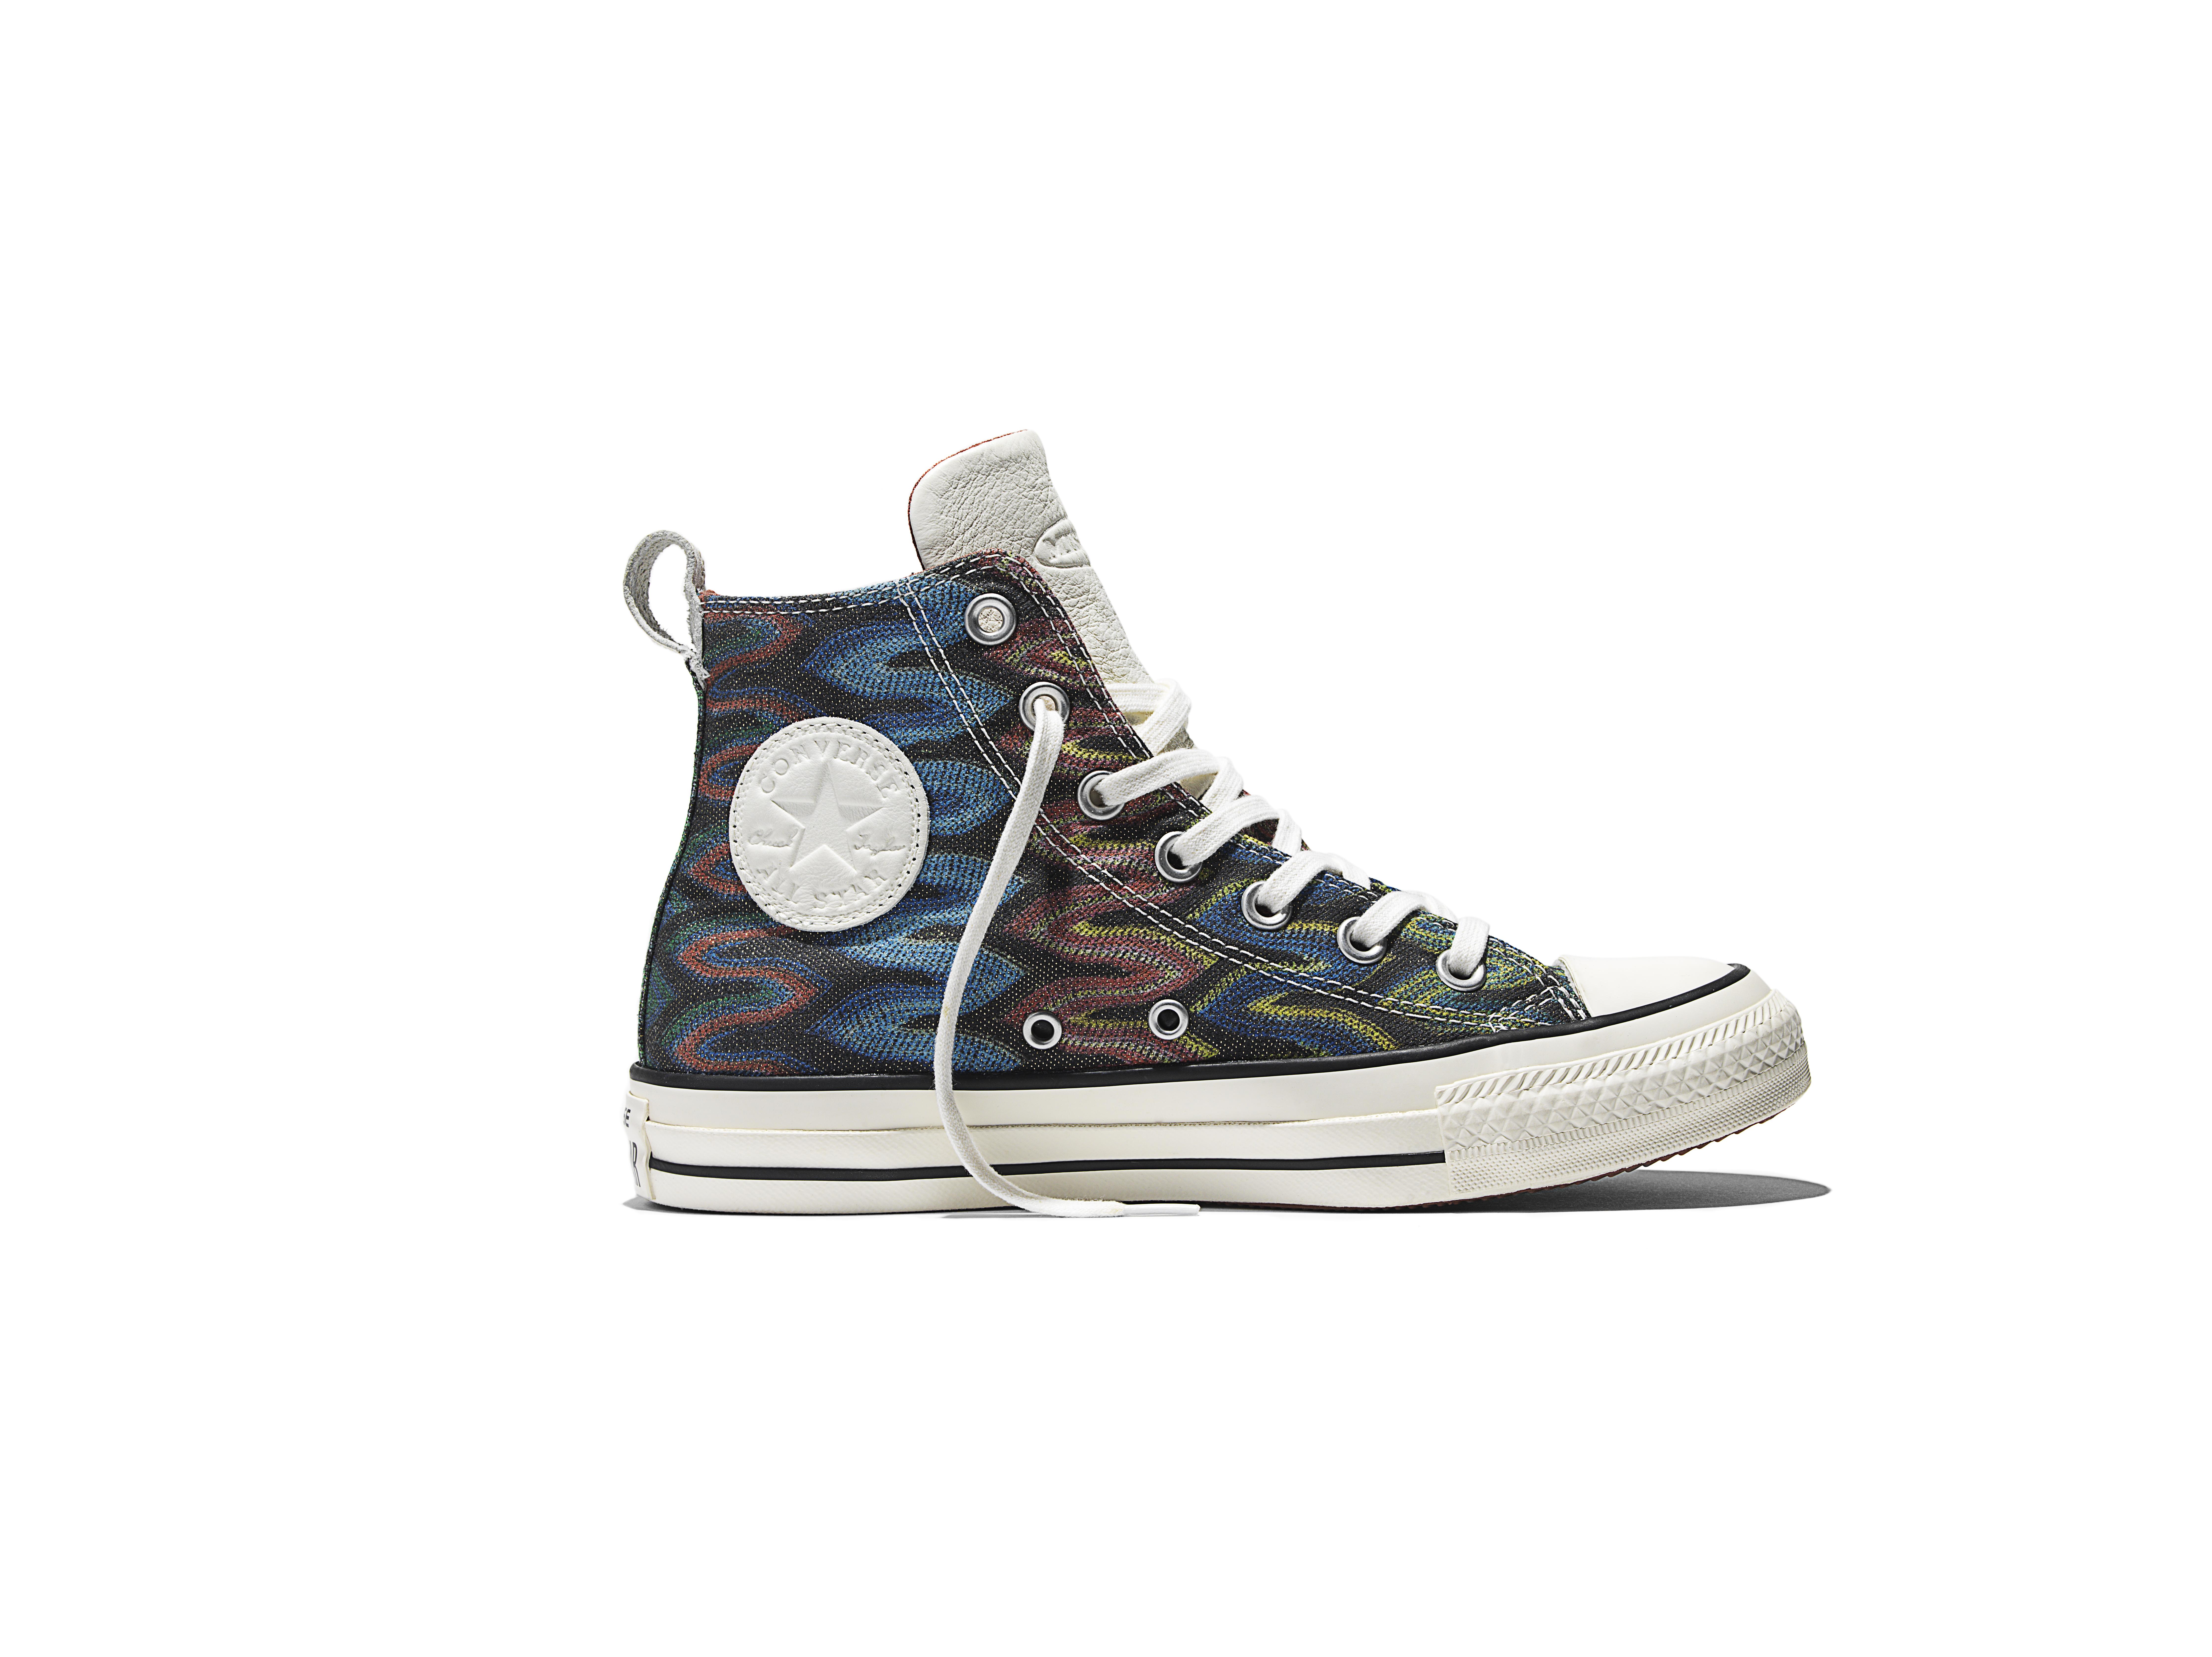 MISSONI - FOOTWEAR - High-tops & sneakers Converse jLmr83PdL1